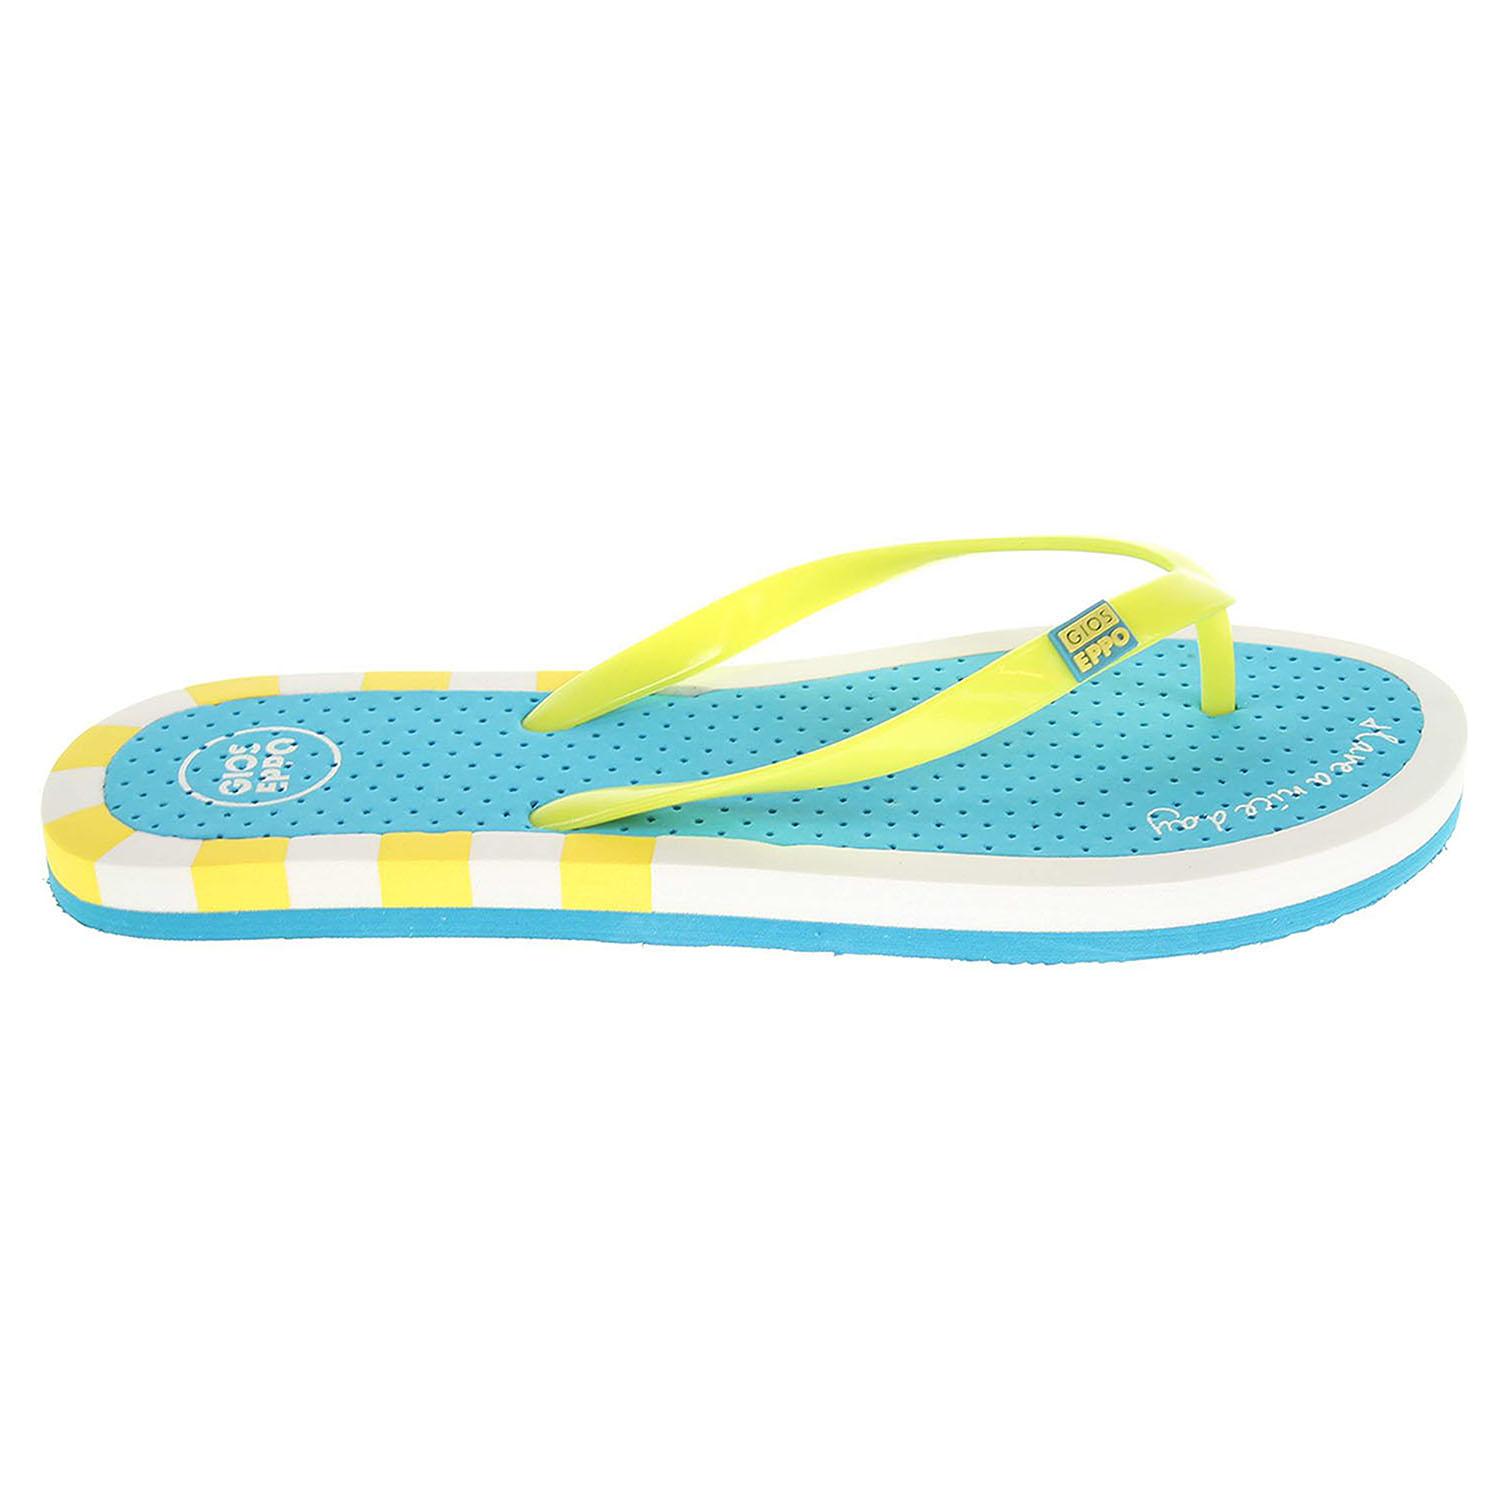 Gioseppo Almena 1 yellow dámské plážové pantofle 41